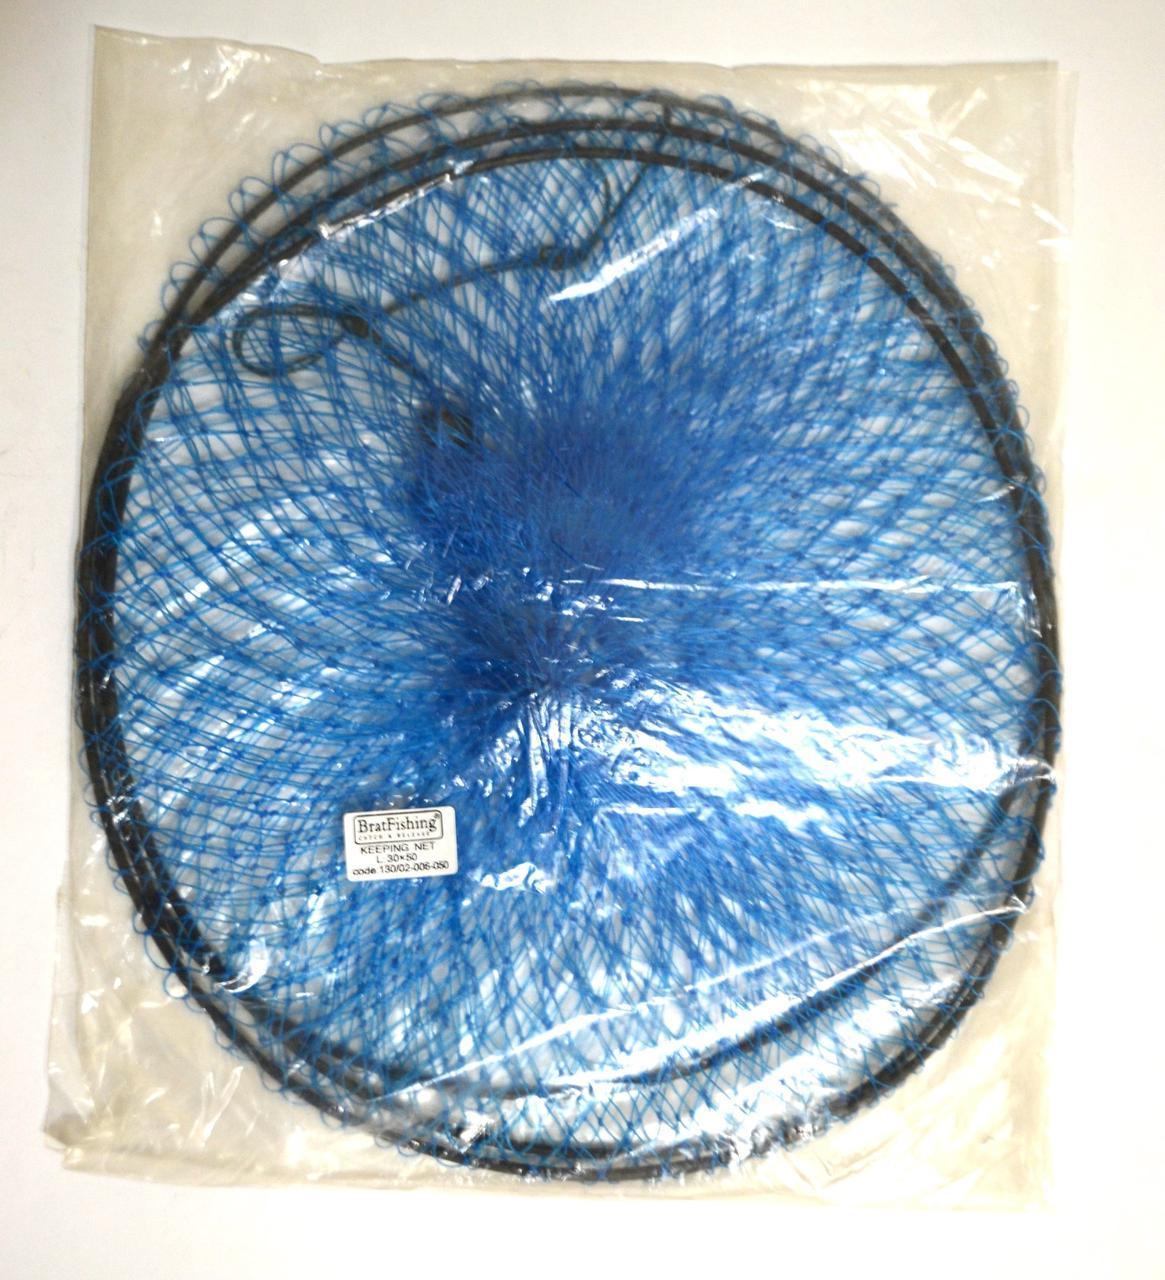 Садок рыболовный круглый тип 17 длина 40 см (130/02-017-040)